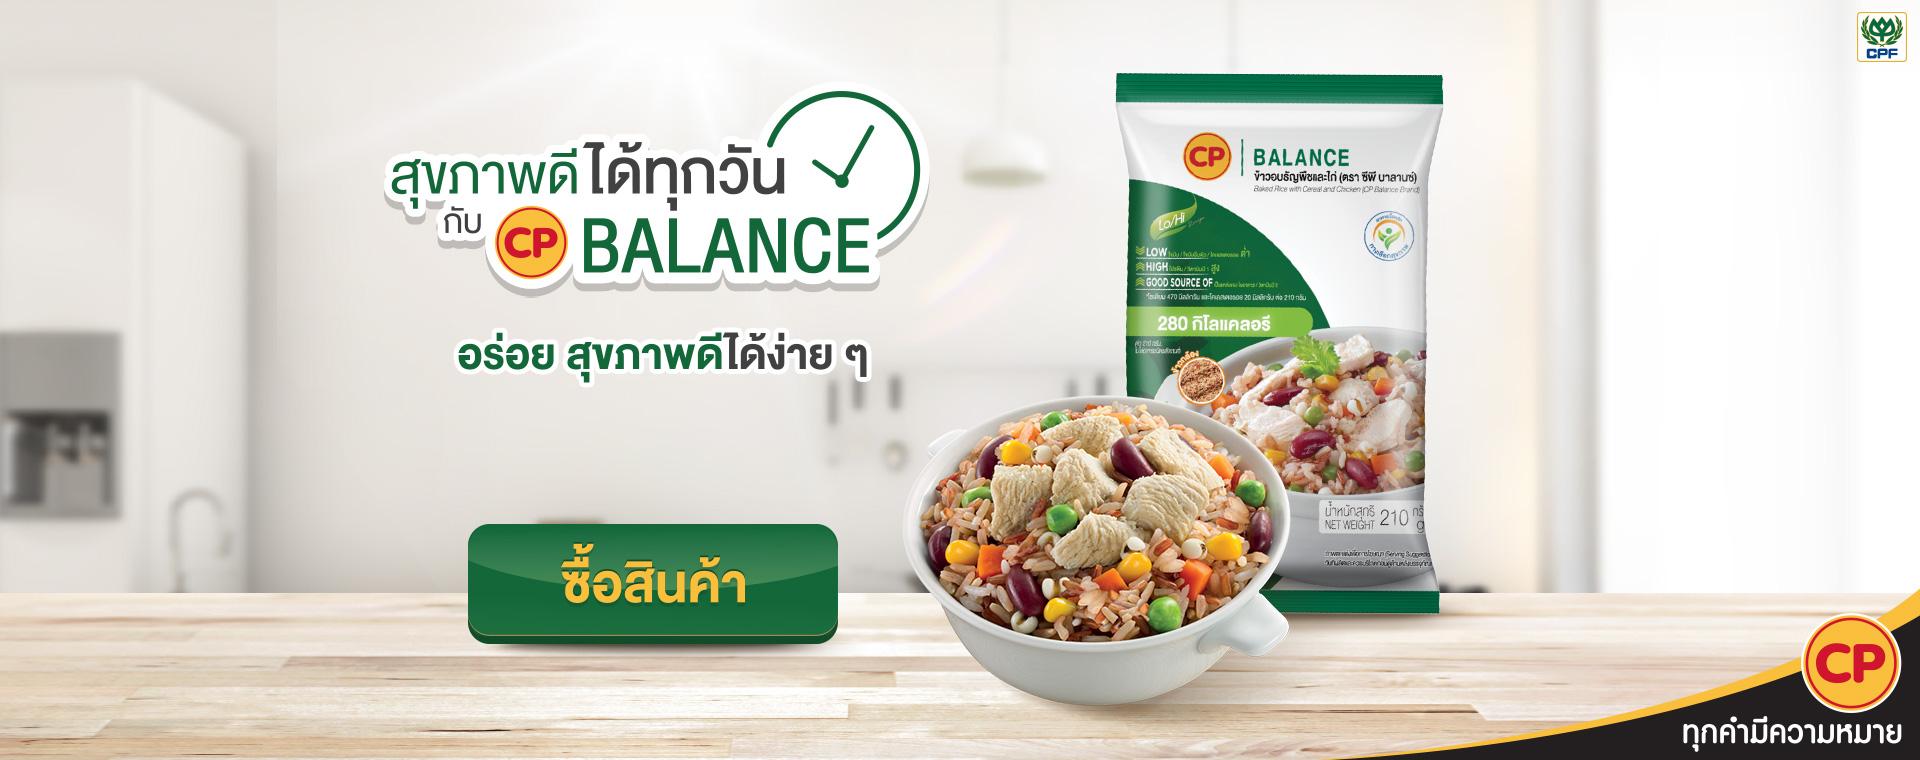 สุขภาพดีได้ทุกวันกับ CP BALANCE อร่อยสุขภาพดีได้ง่ายๆ